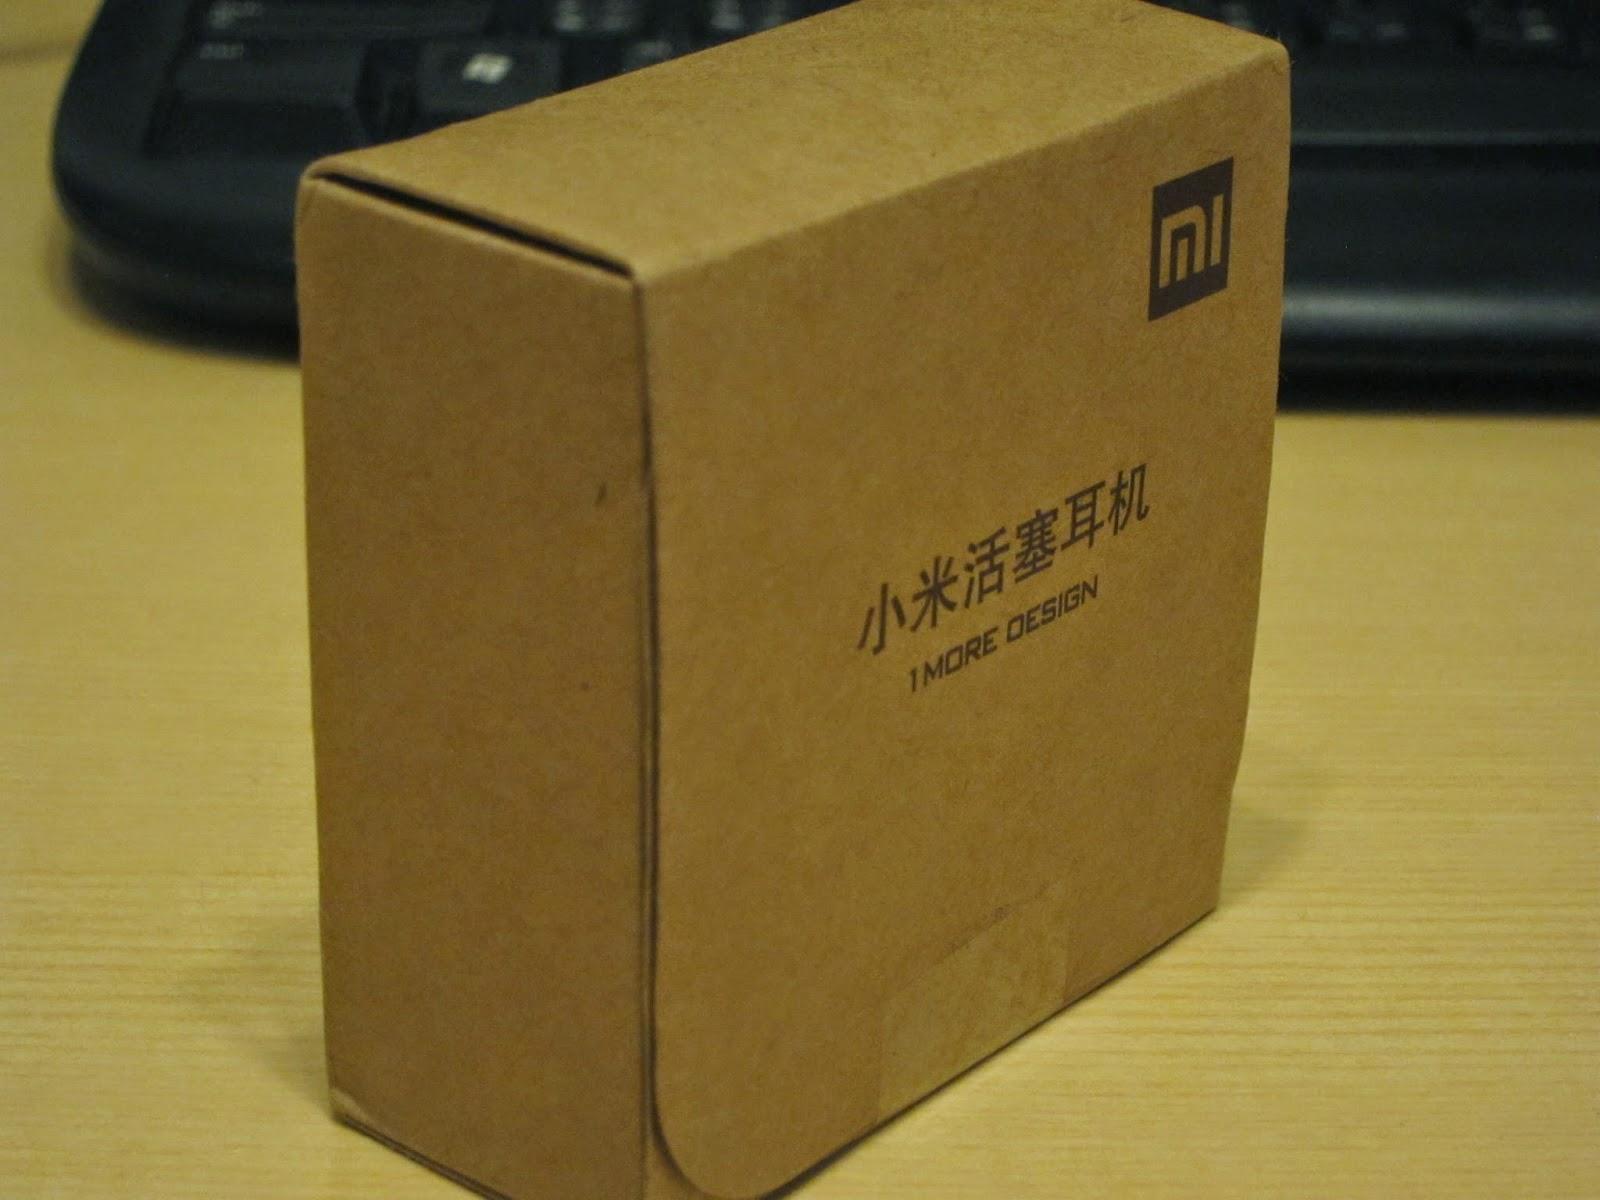 IMG 2291 - [開箱] 聽歌神器?新小米活塞耳機 $495 入手!